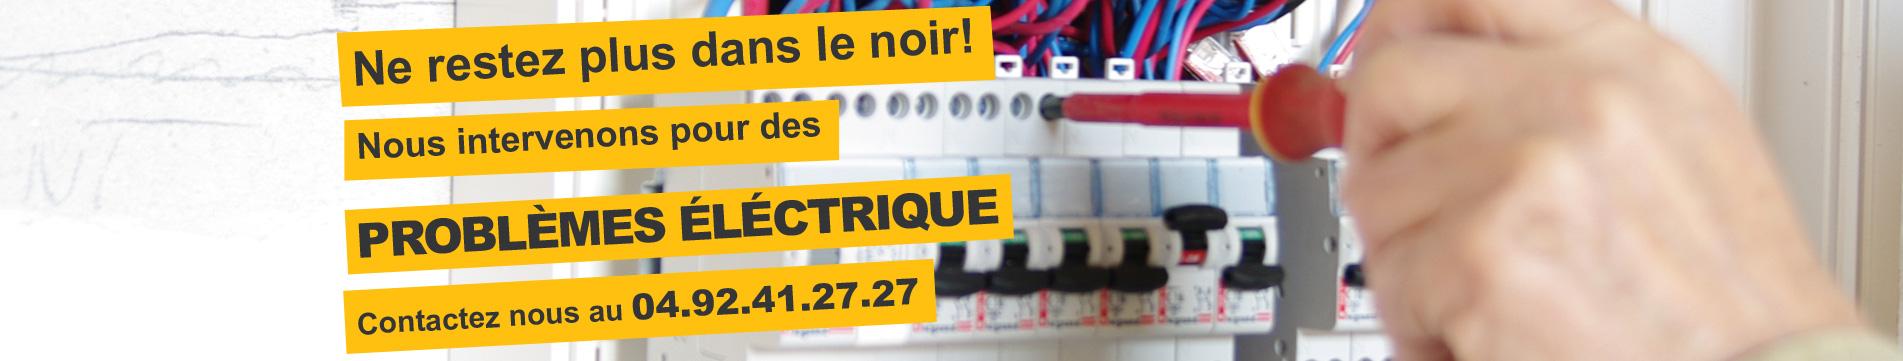 Sds electricite electricien nice et dans les alpes - Electricien a nice ...